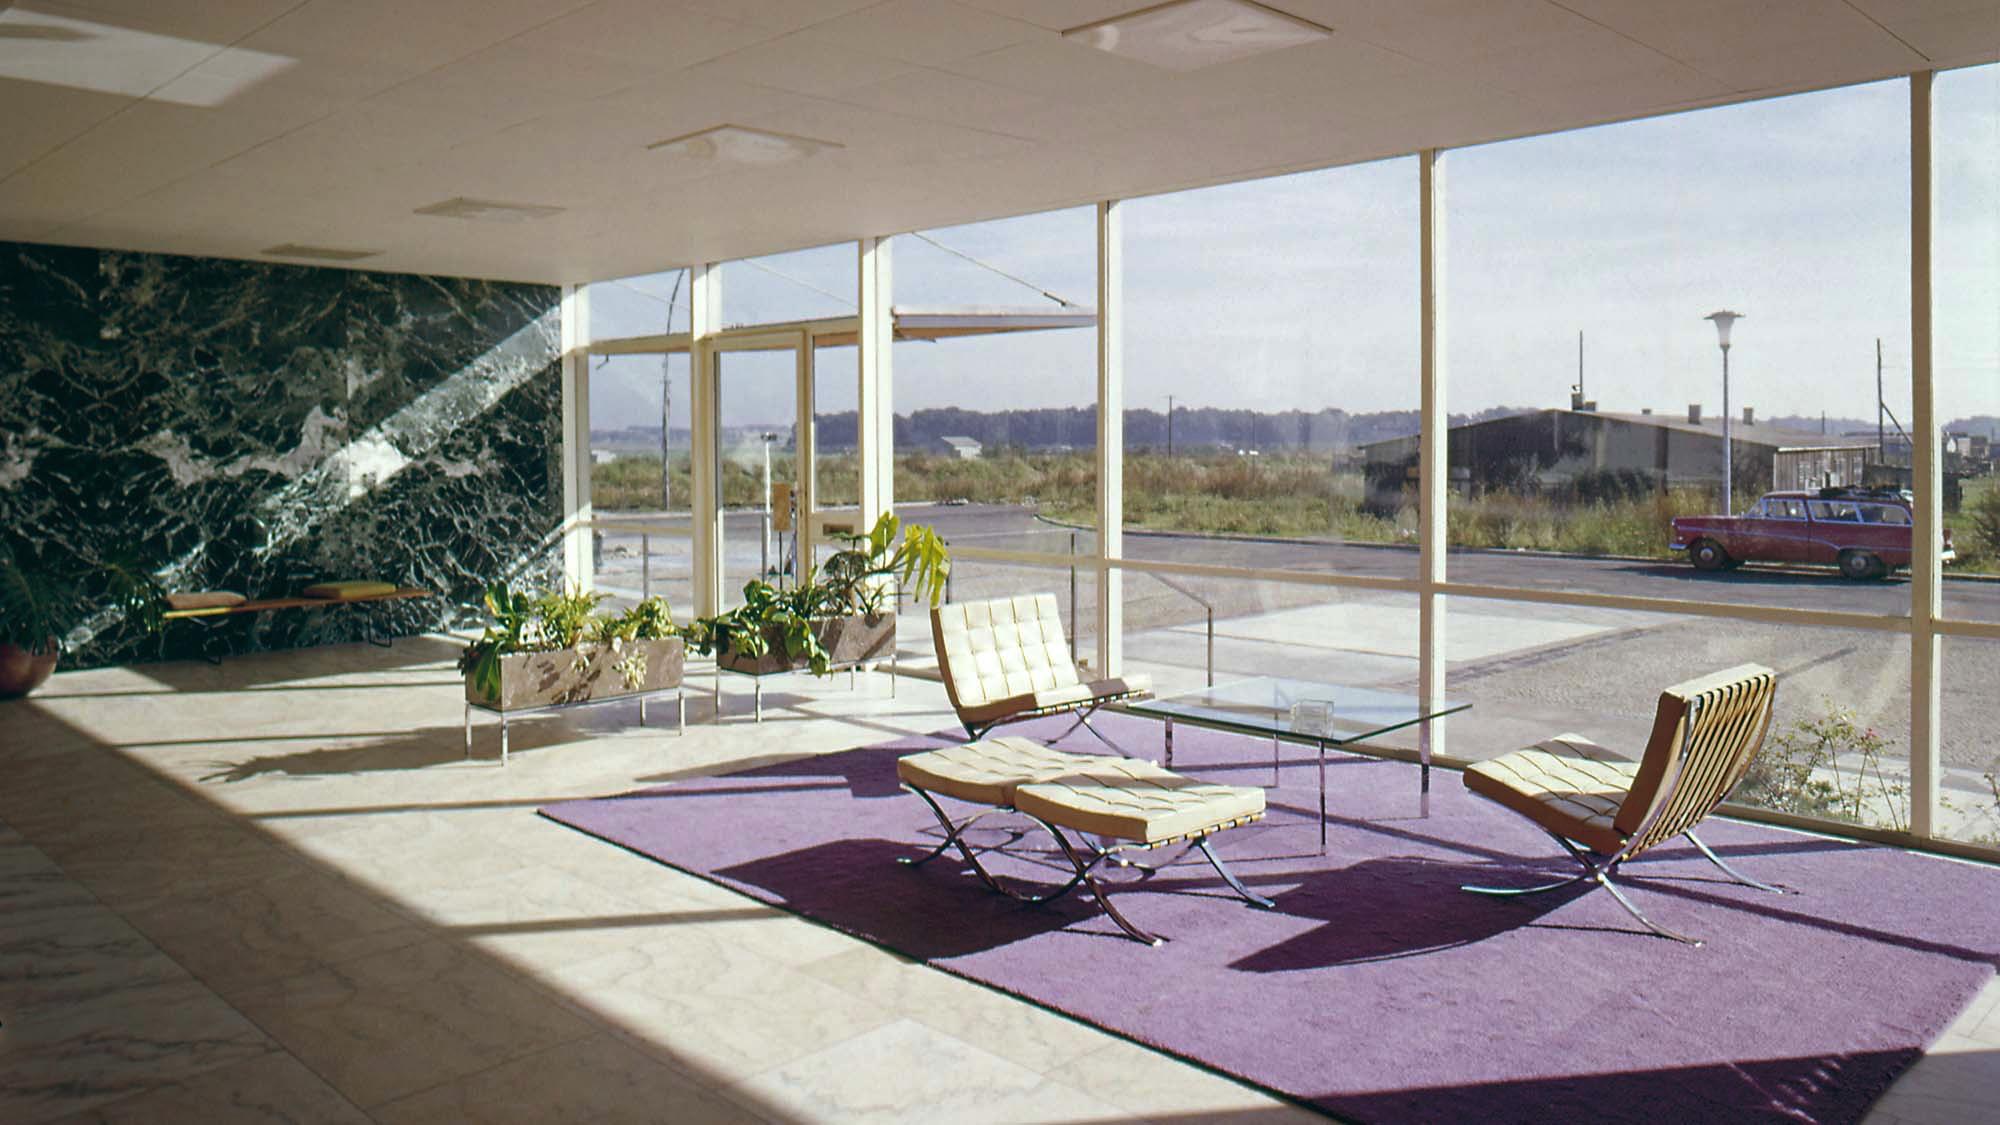 Historisches Foto eines Gebäudes aus den 60er-Jahren mit eleganten Möbeln. Ansicht von innen nach außen.